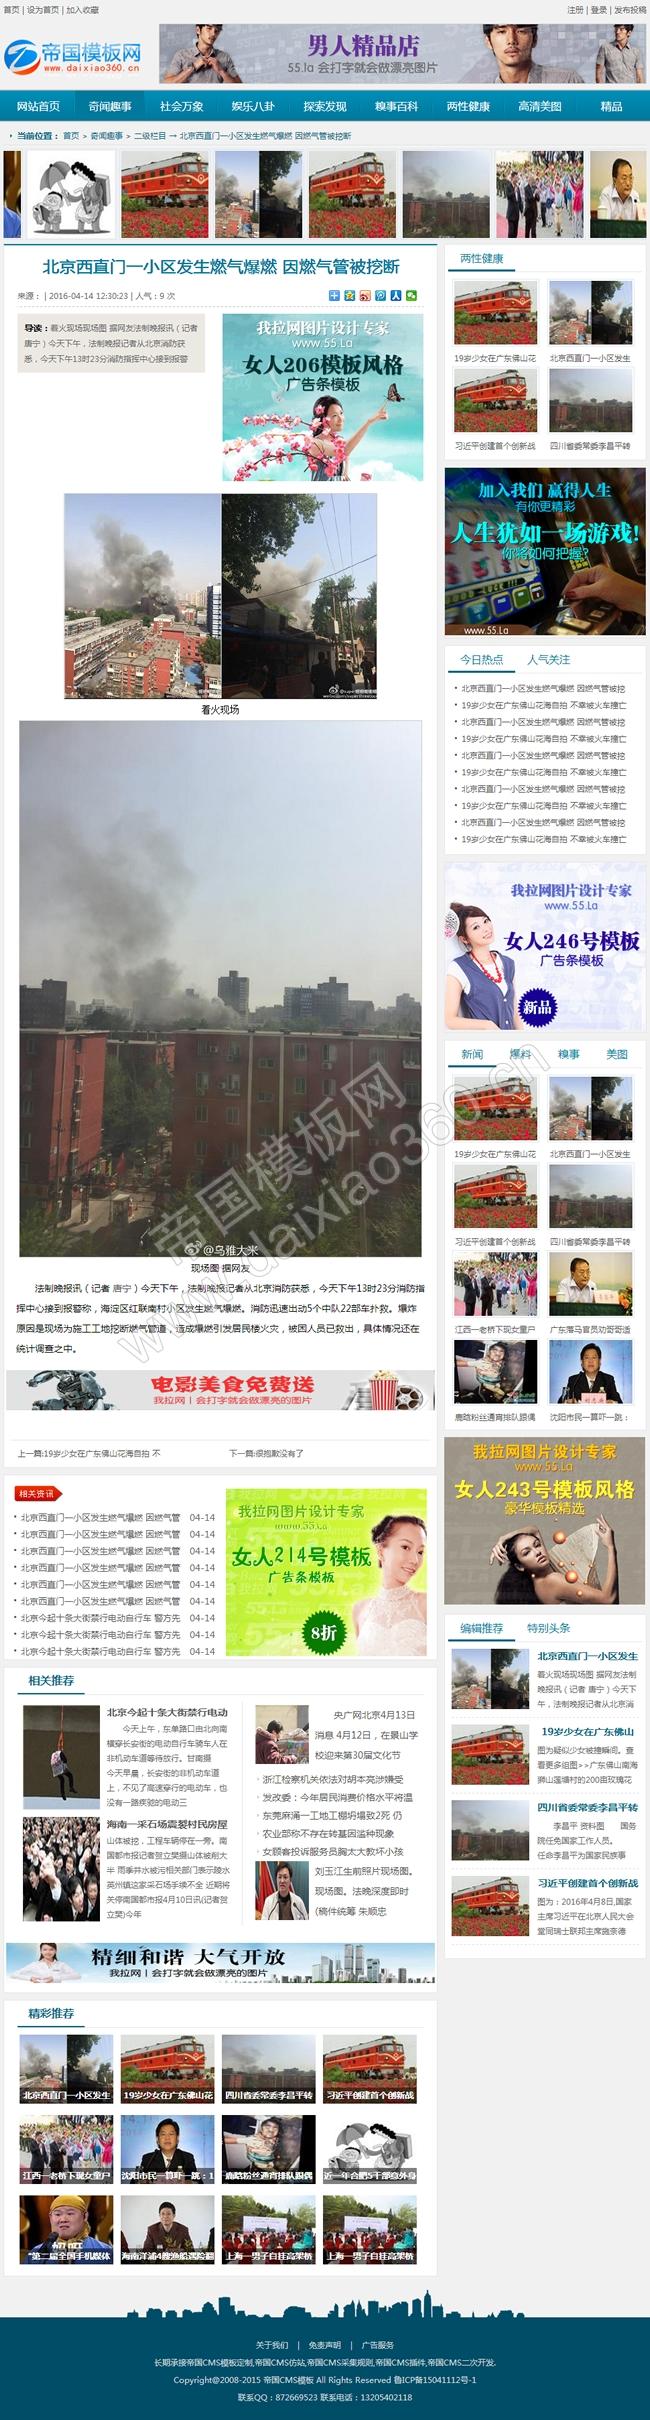 帝国cms新闻文章资讯模板加手机wap模板_内容页